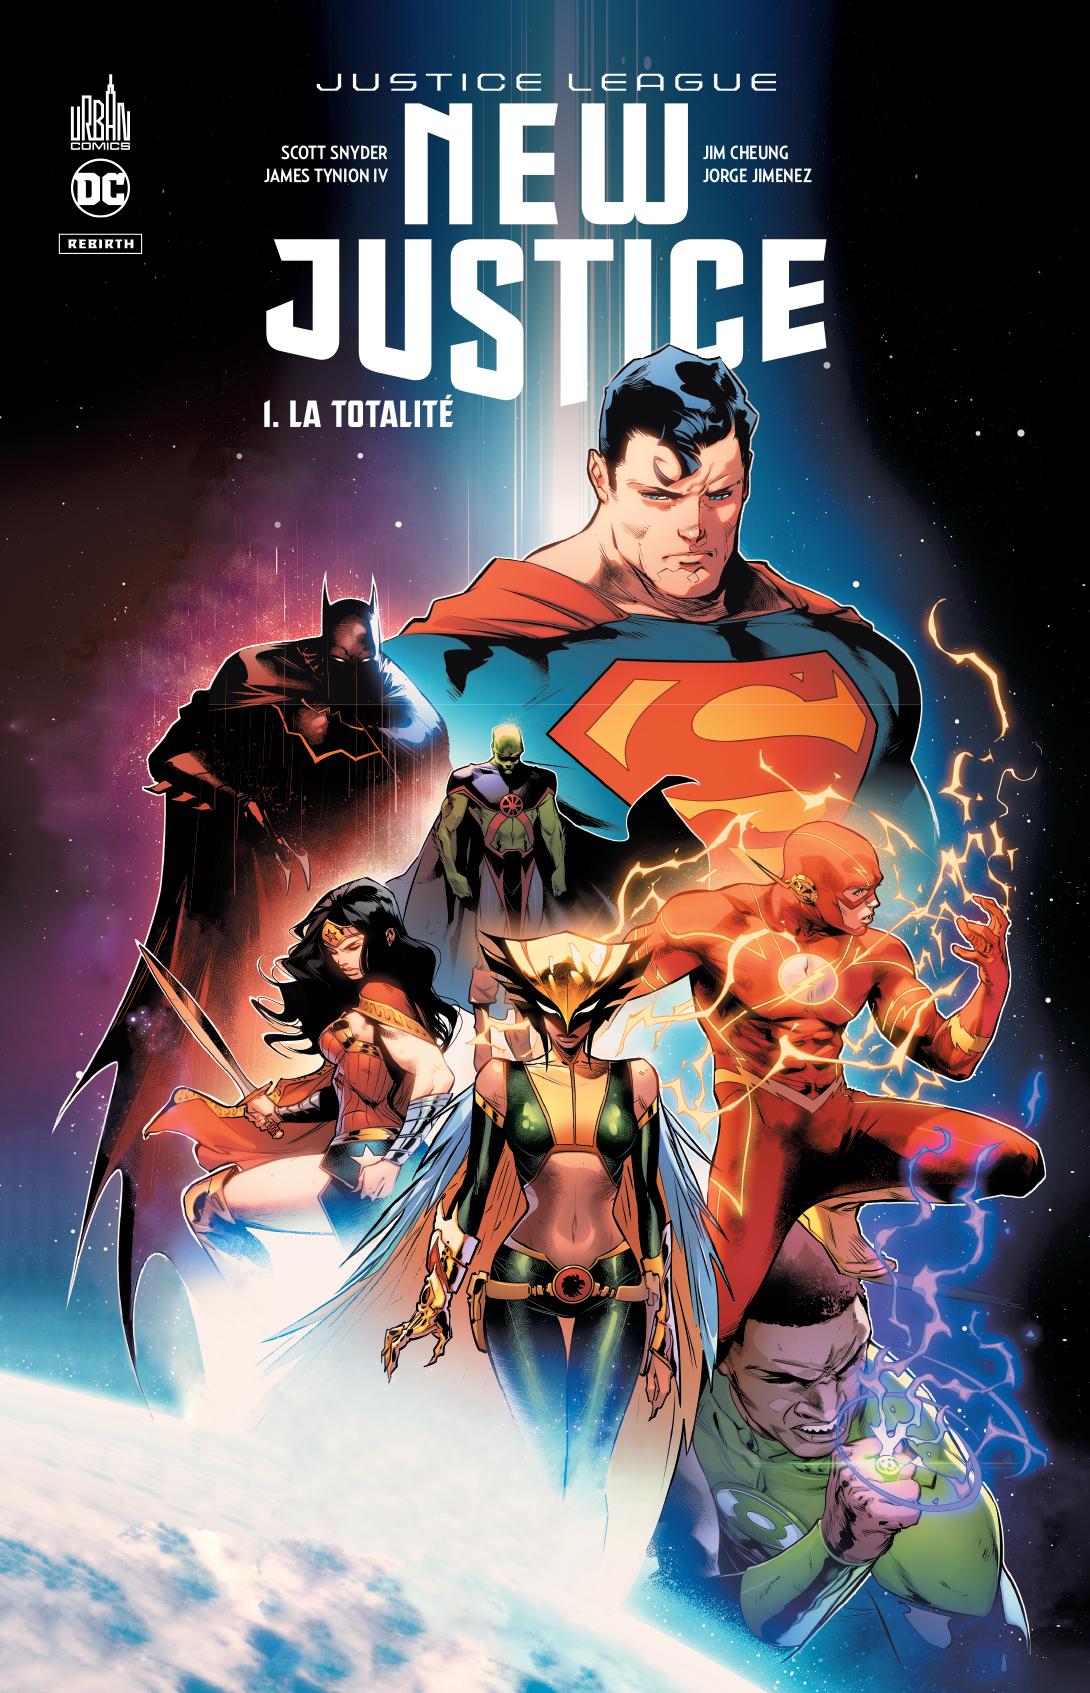 New Justice 1 - La Totalité